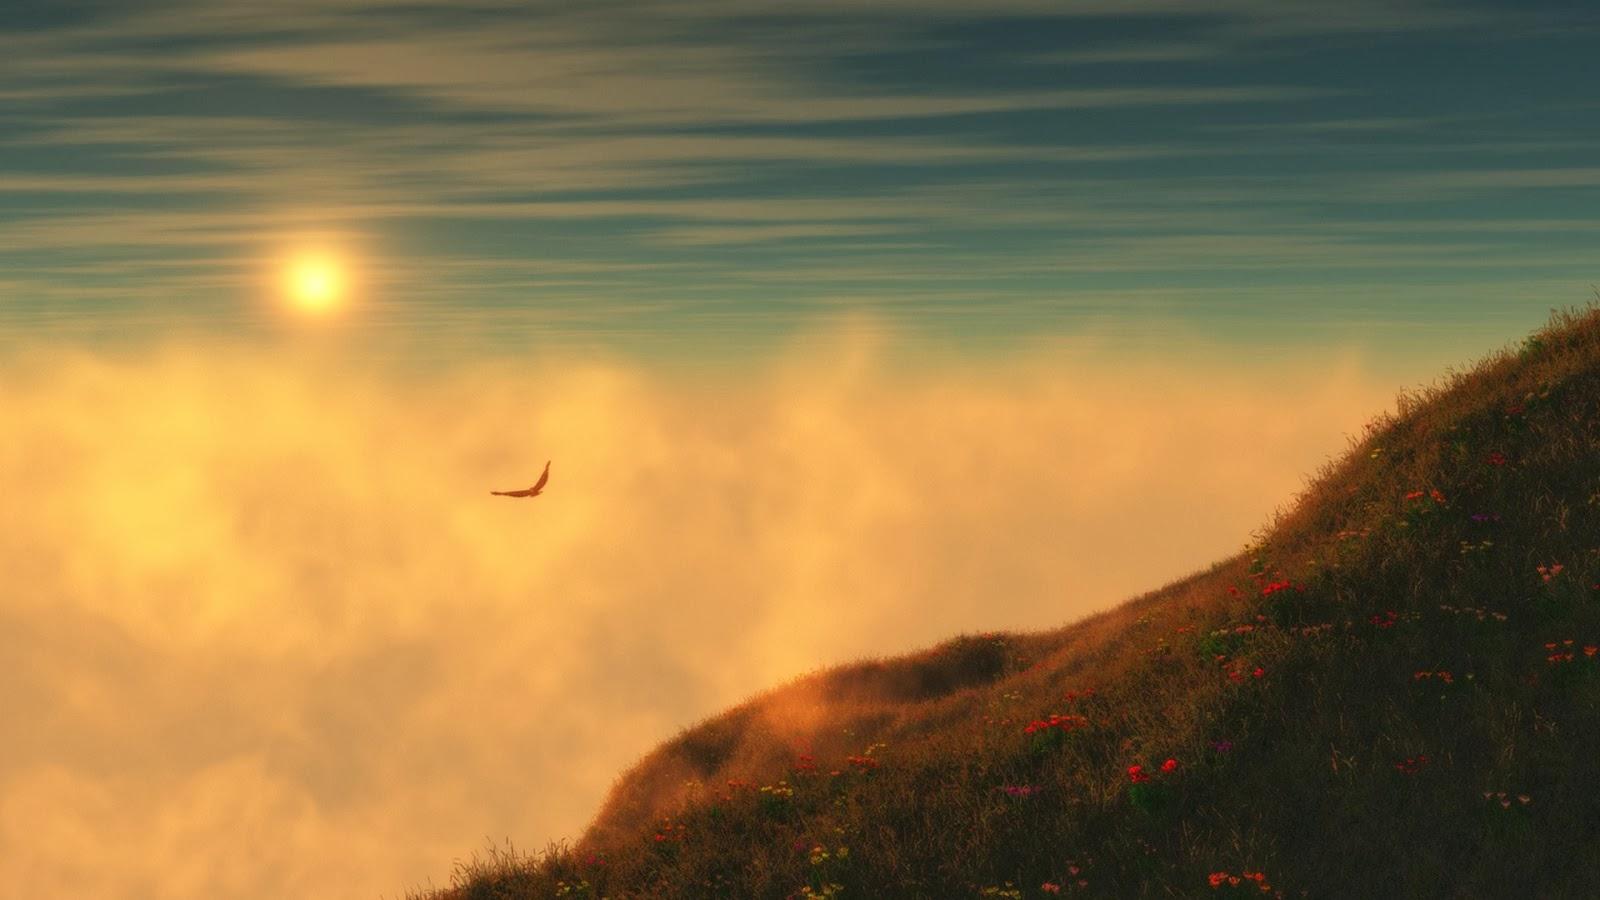 صور غروب الشمس احلي صور الغروب بجودة HD (2)